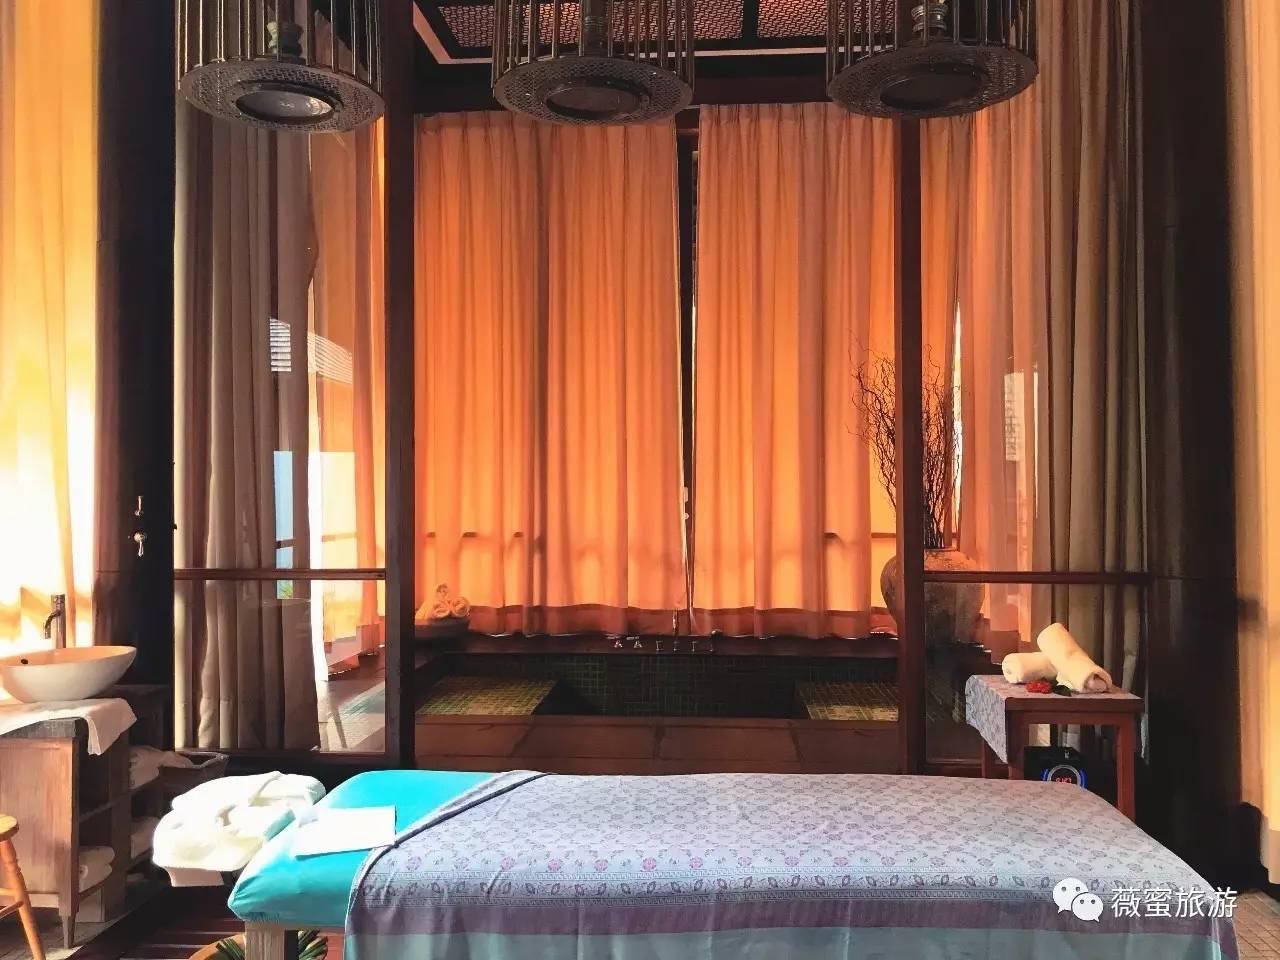 巴厘岛阿曼达林楼酒店